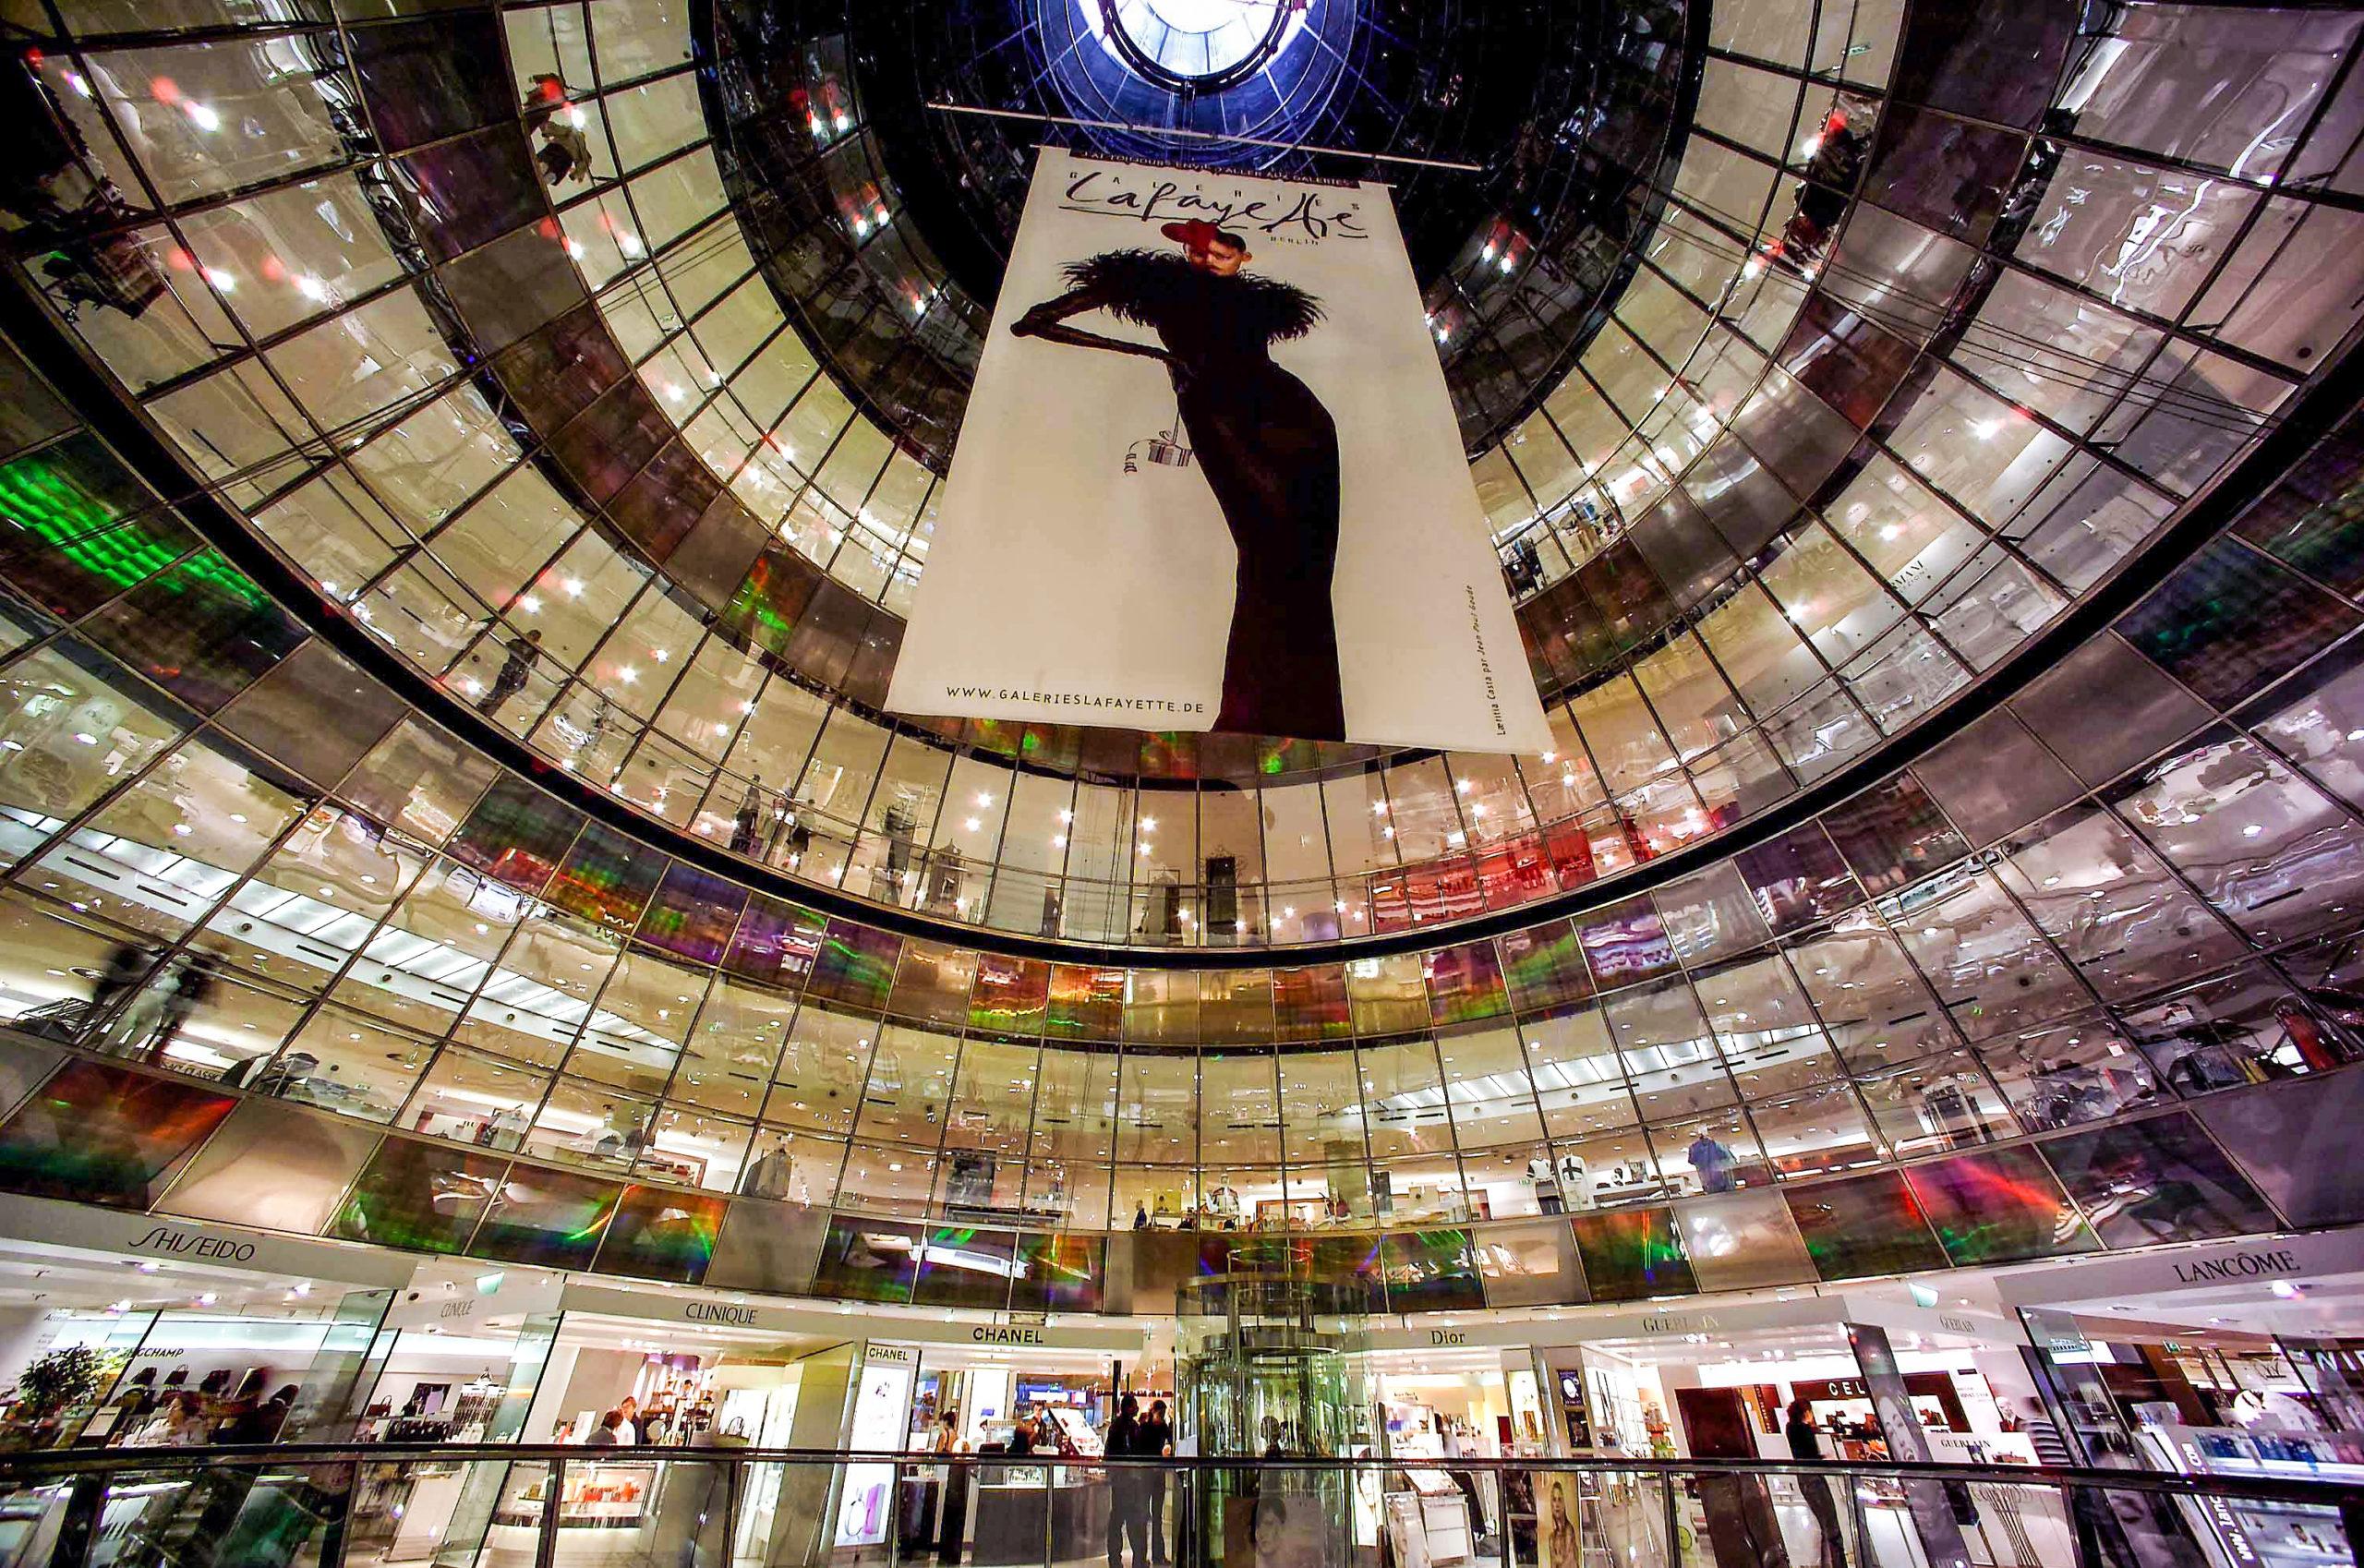 Einzigartiger Glasbau: In den Galeries Lafayette kann man französisches Savoir-Vivre auf fünf Etagen shoppen.